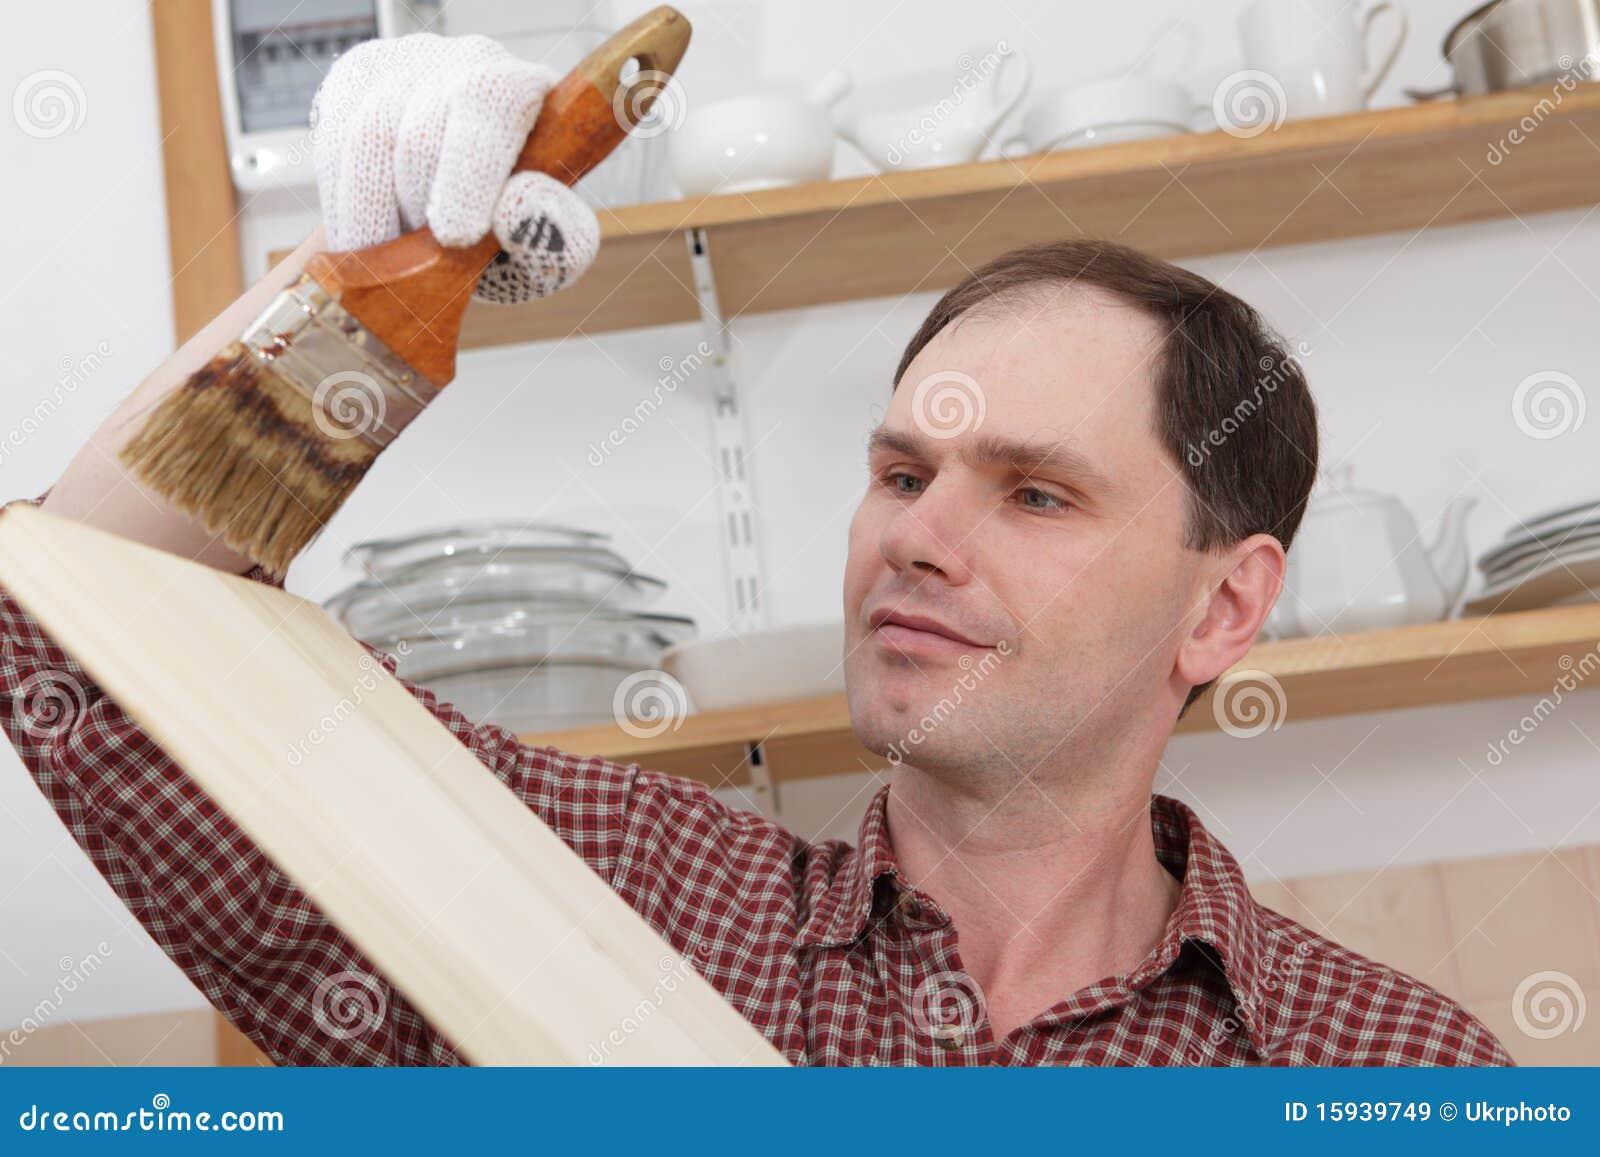 que enverniza as prateleiras de madeira para a renovação da cozinha #83A427 1300 957